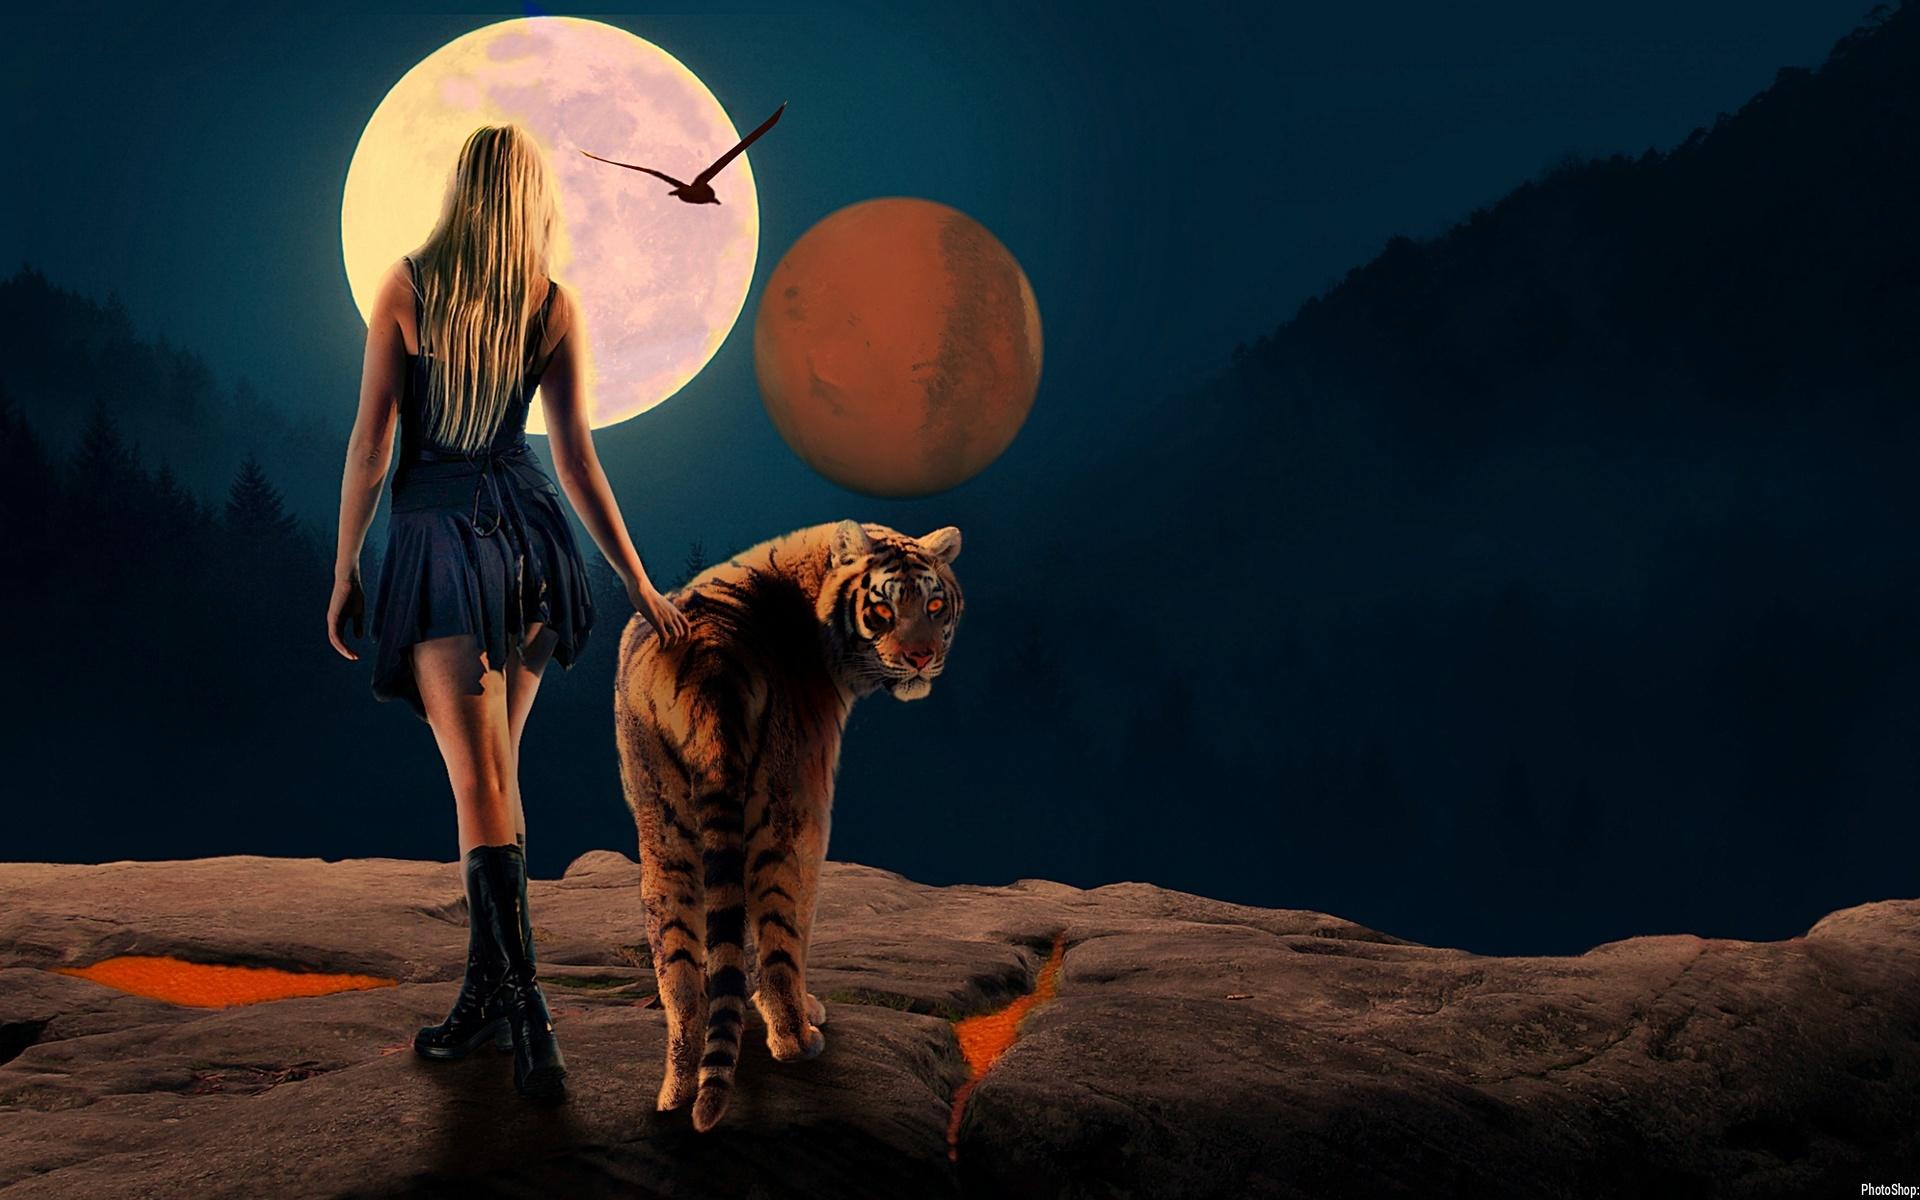 Фото Девушка идет рядом с тигром, в небе видны две луны